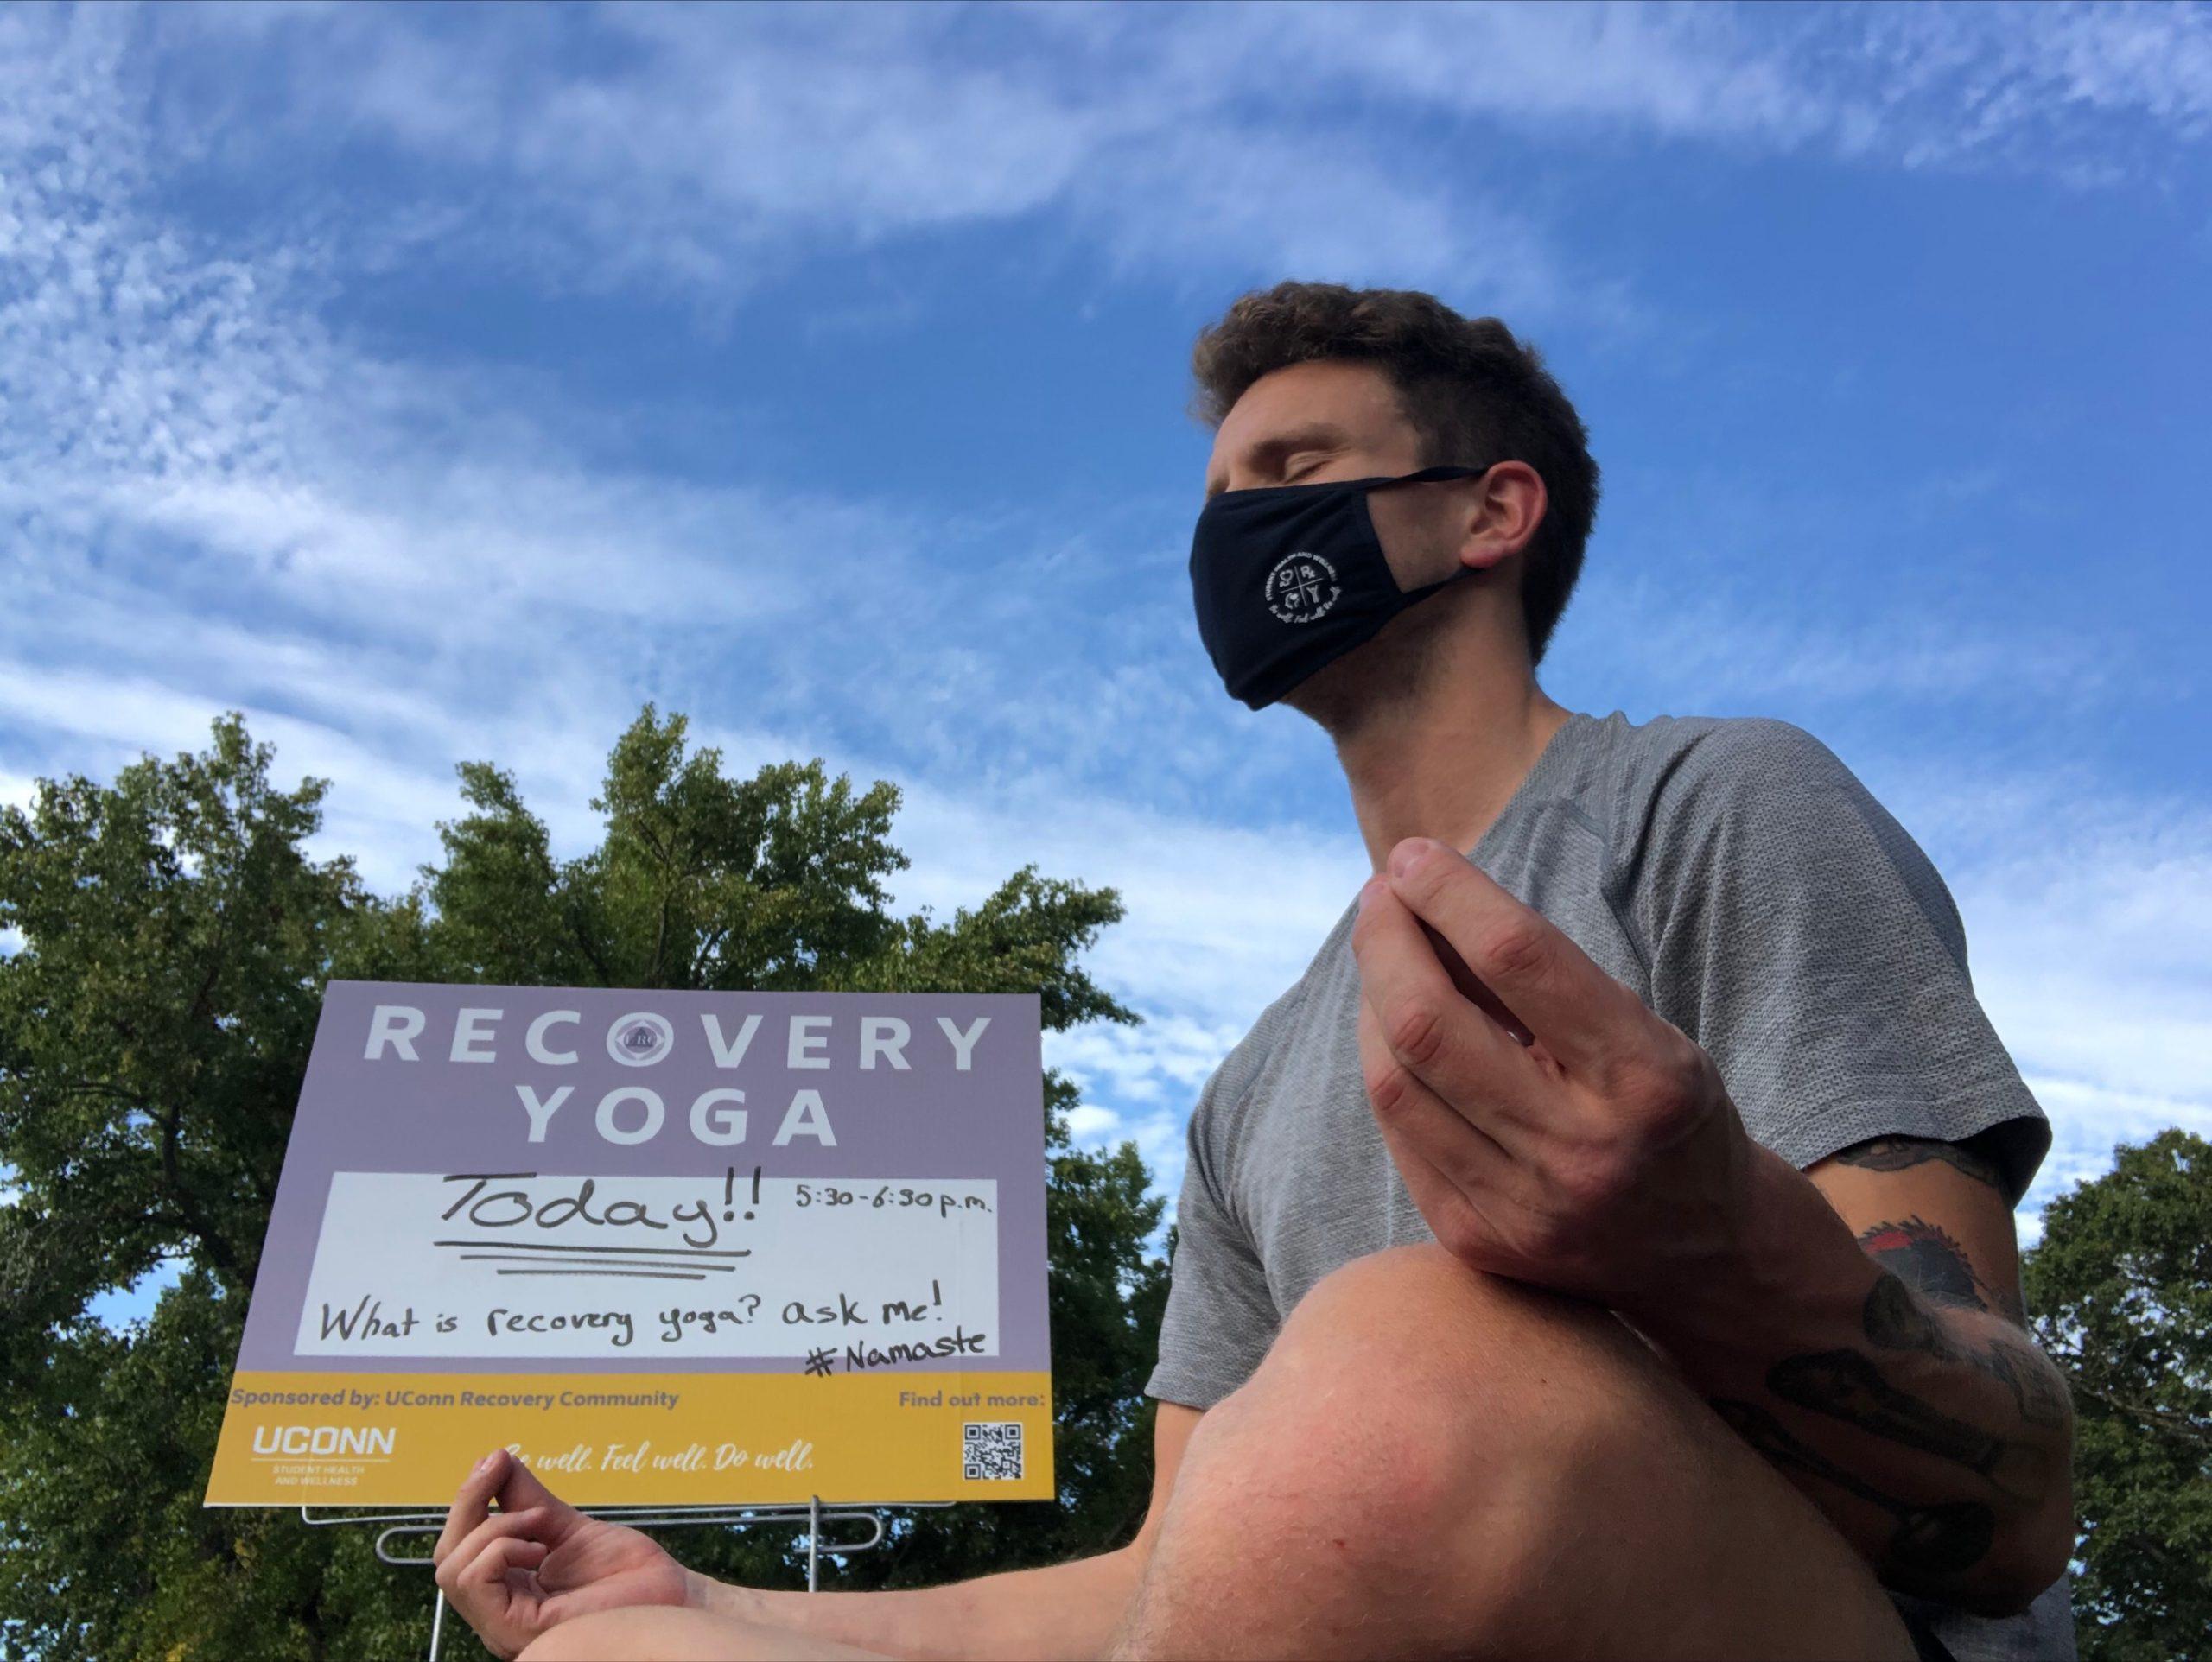 URC Zach Recovery Yoga